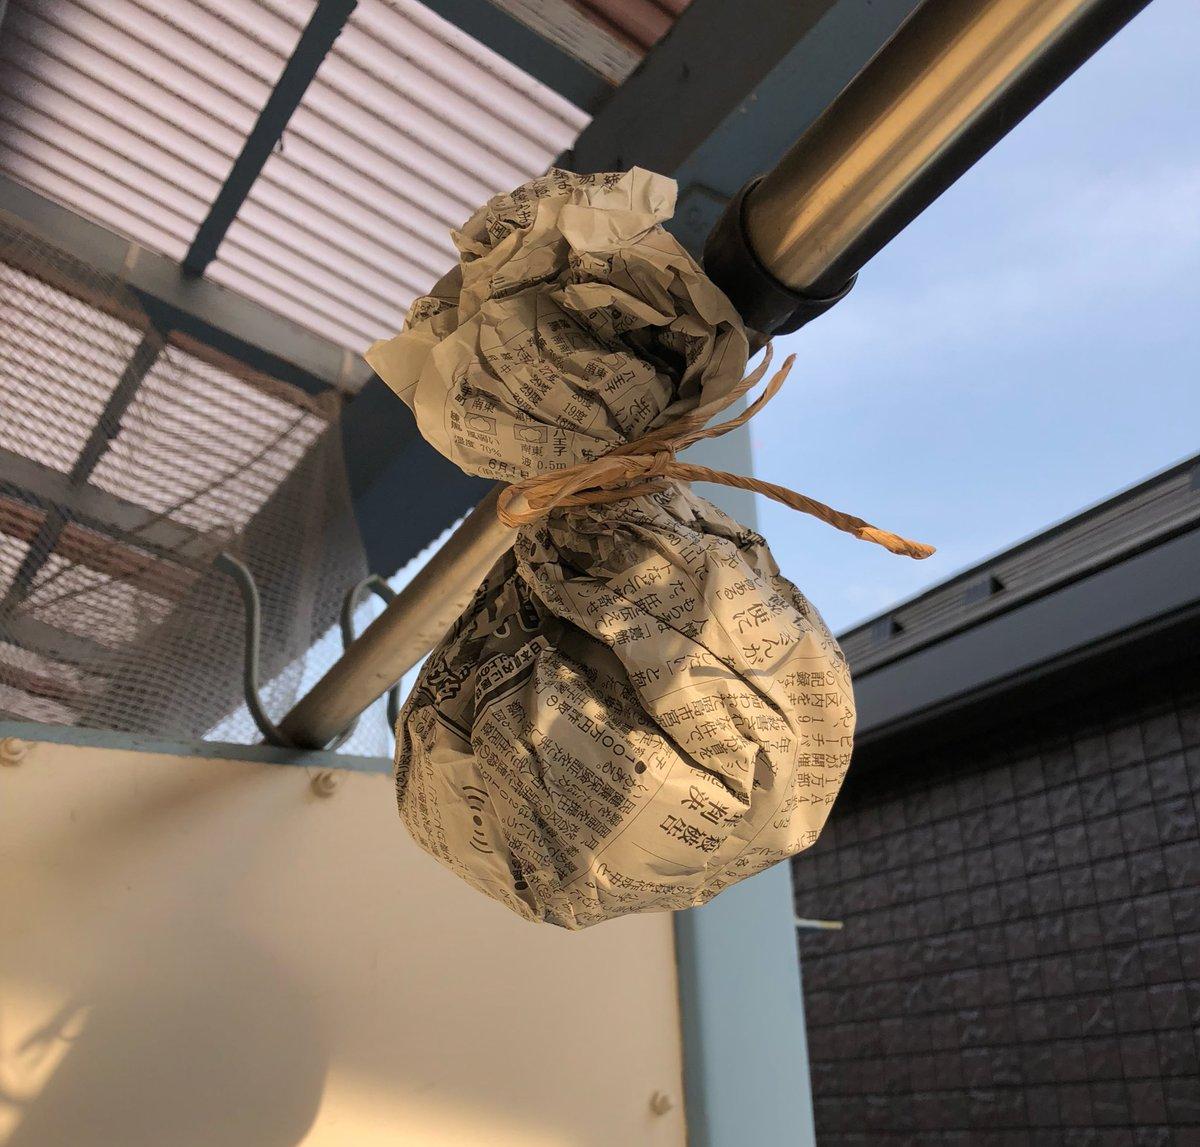 今年もアシナガバチが巣を作る場所の偵察に来ました。巣を作らせない方法として成功したのはこれ。巣に見立てた物を吊るす。先約が居ると思わせるそうです。薄荷も試したけど効果なかったので、ネットで調べたらこれが出てきました。  今のところ毎年成功しています。